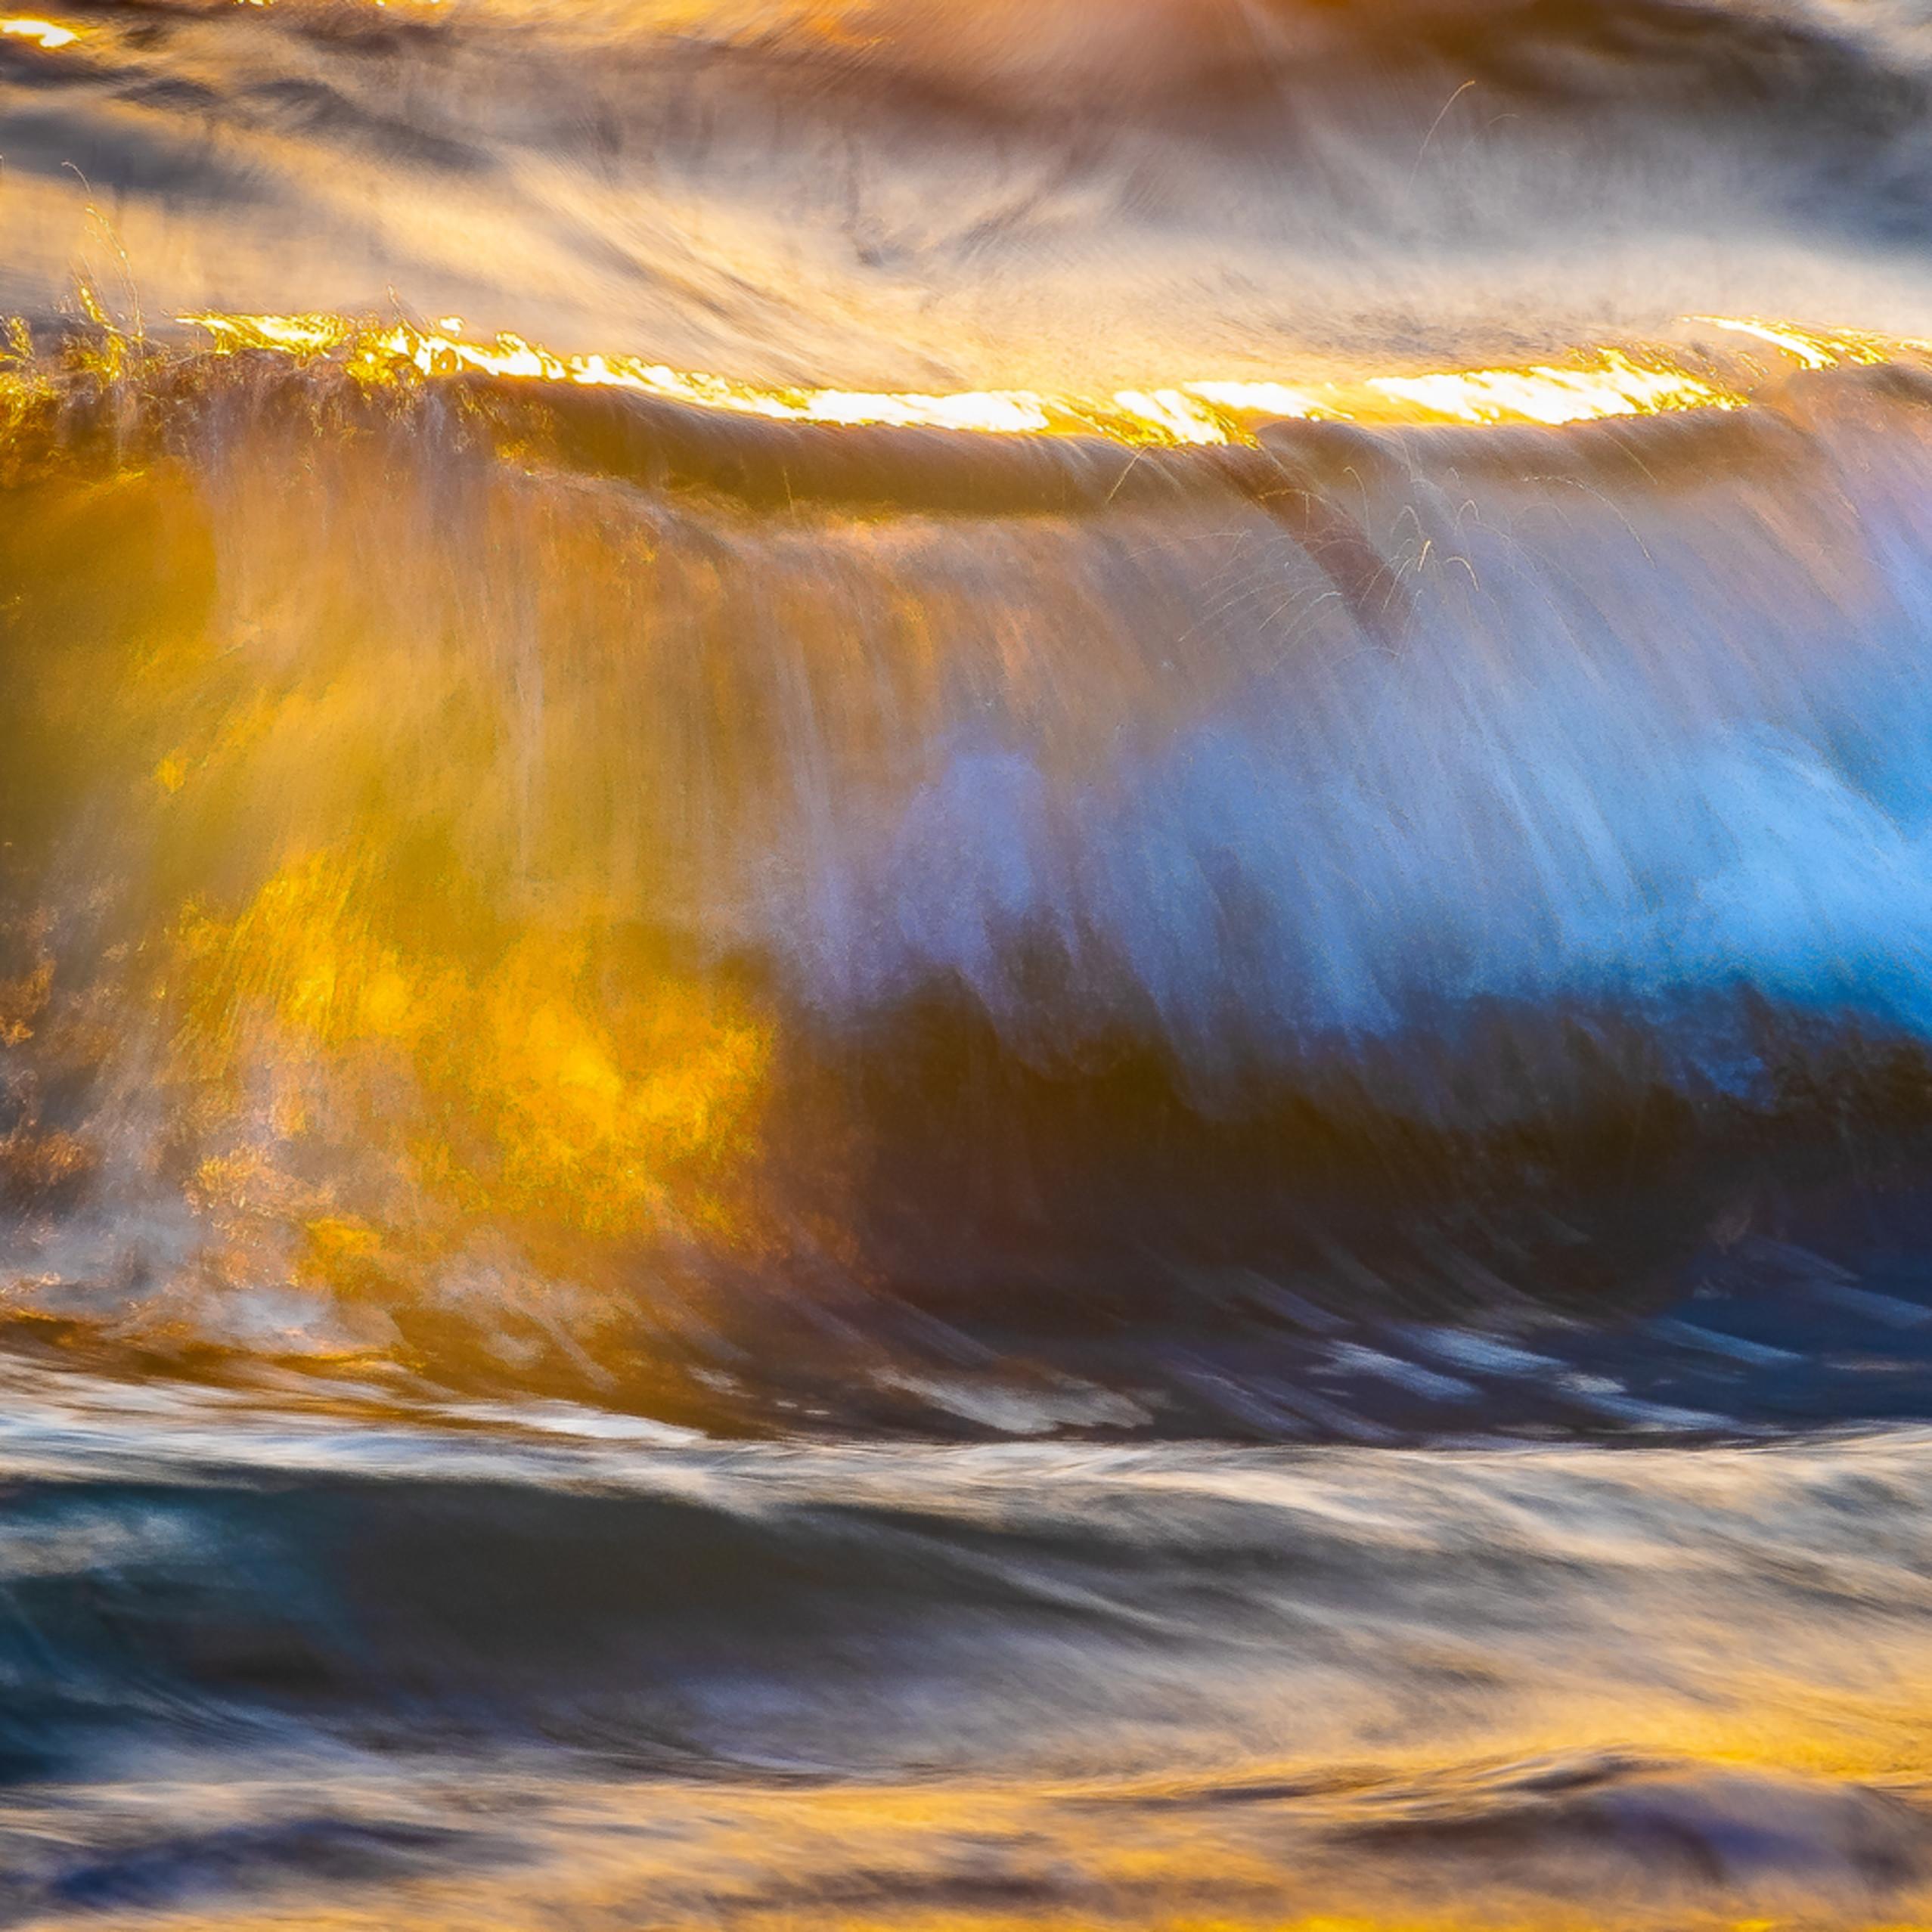 Golden wave zqqnua